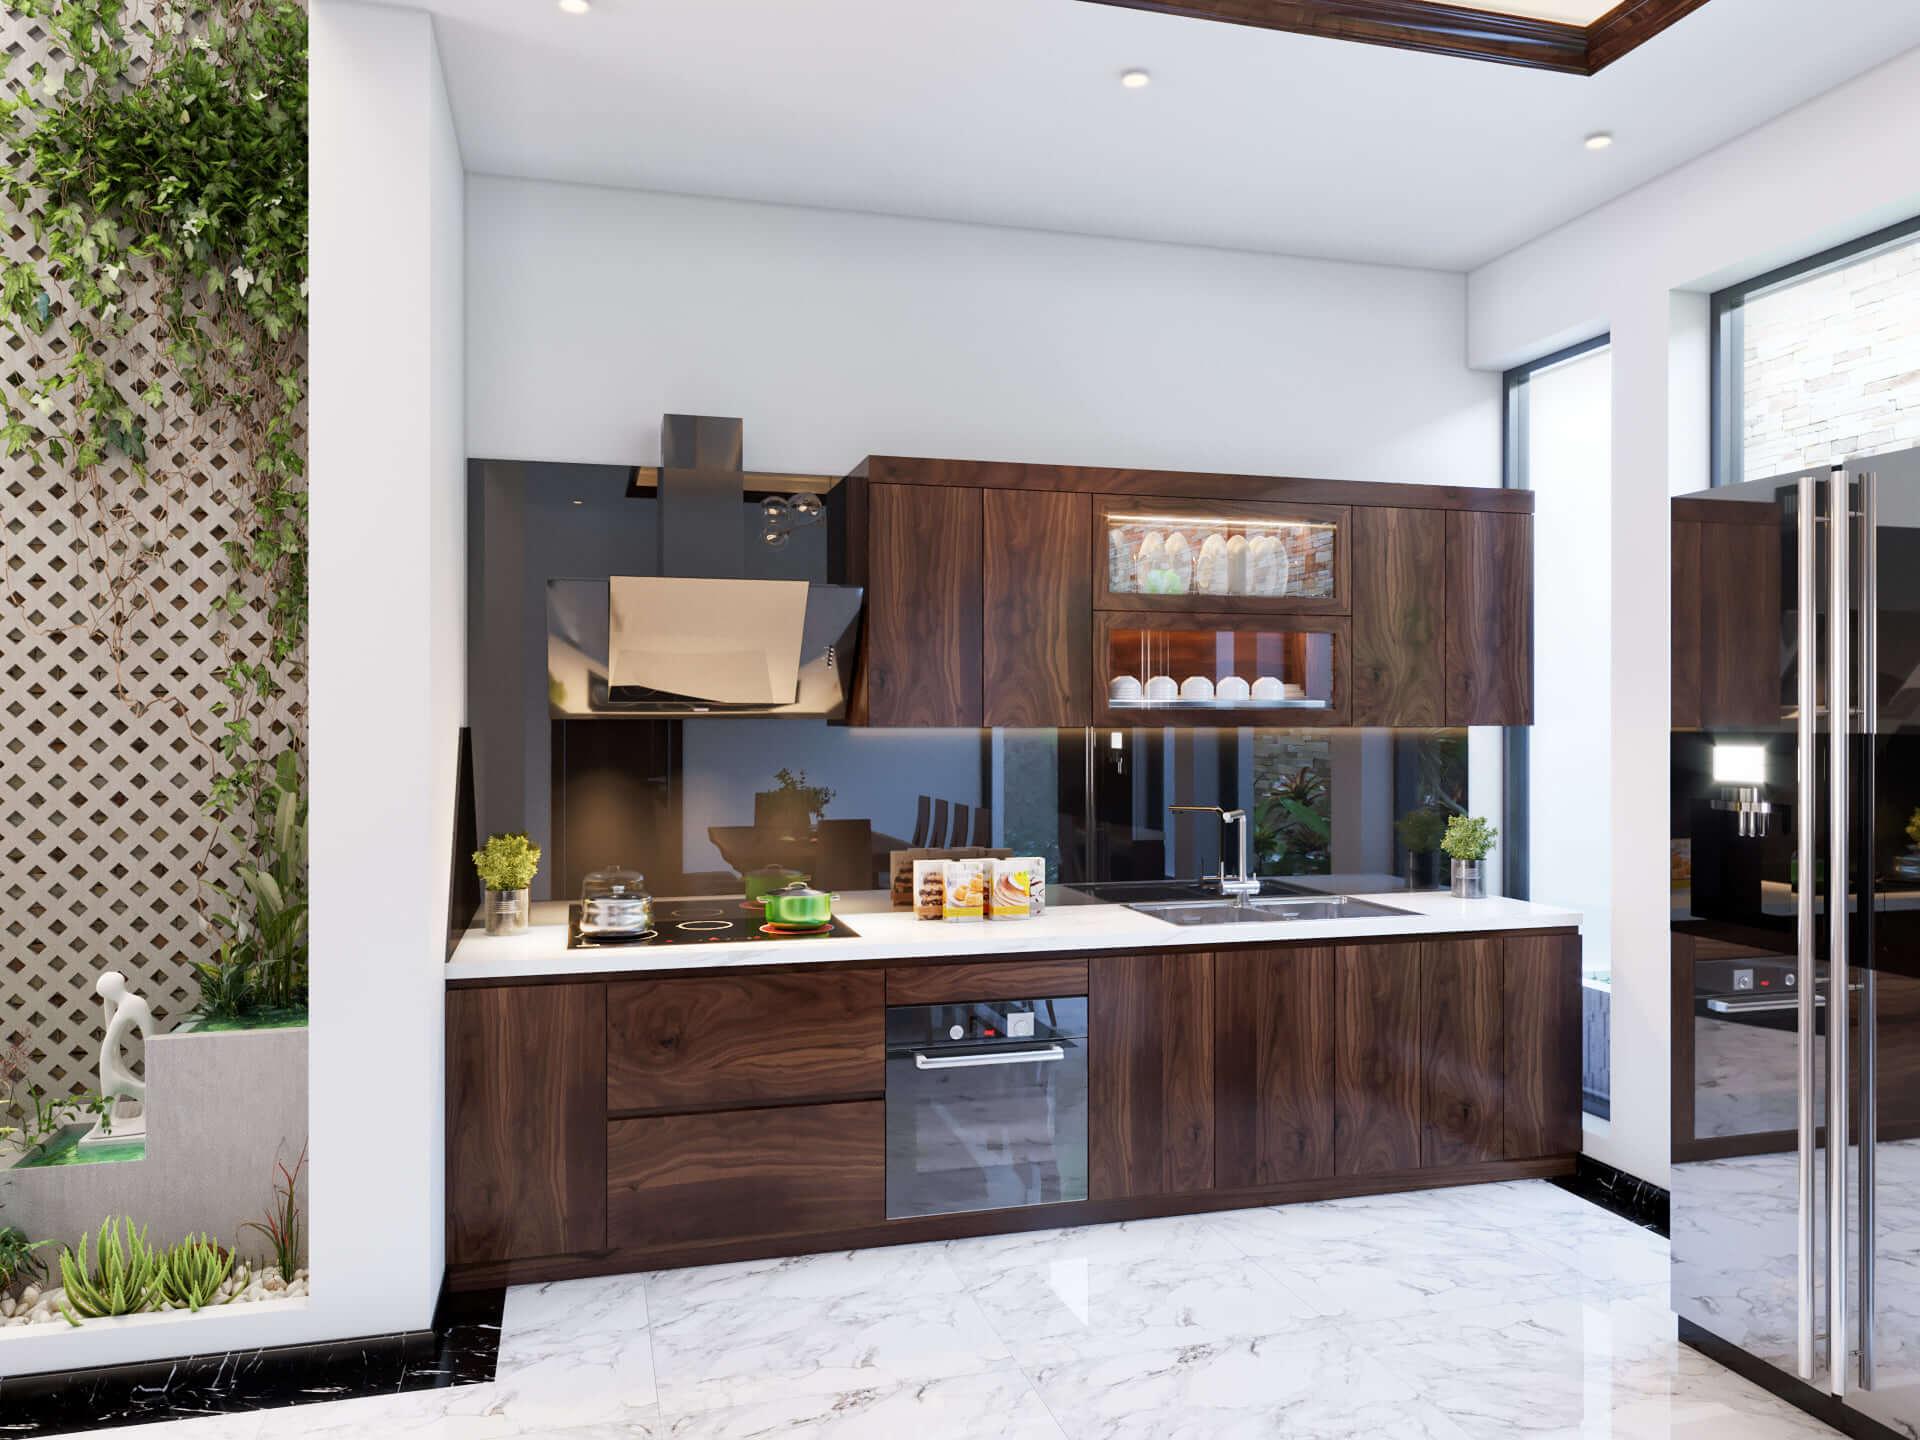 Thiết kế tủ bếp với chất liệu gỗ óc chó đẹp mắt